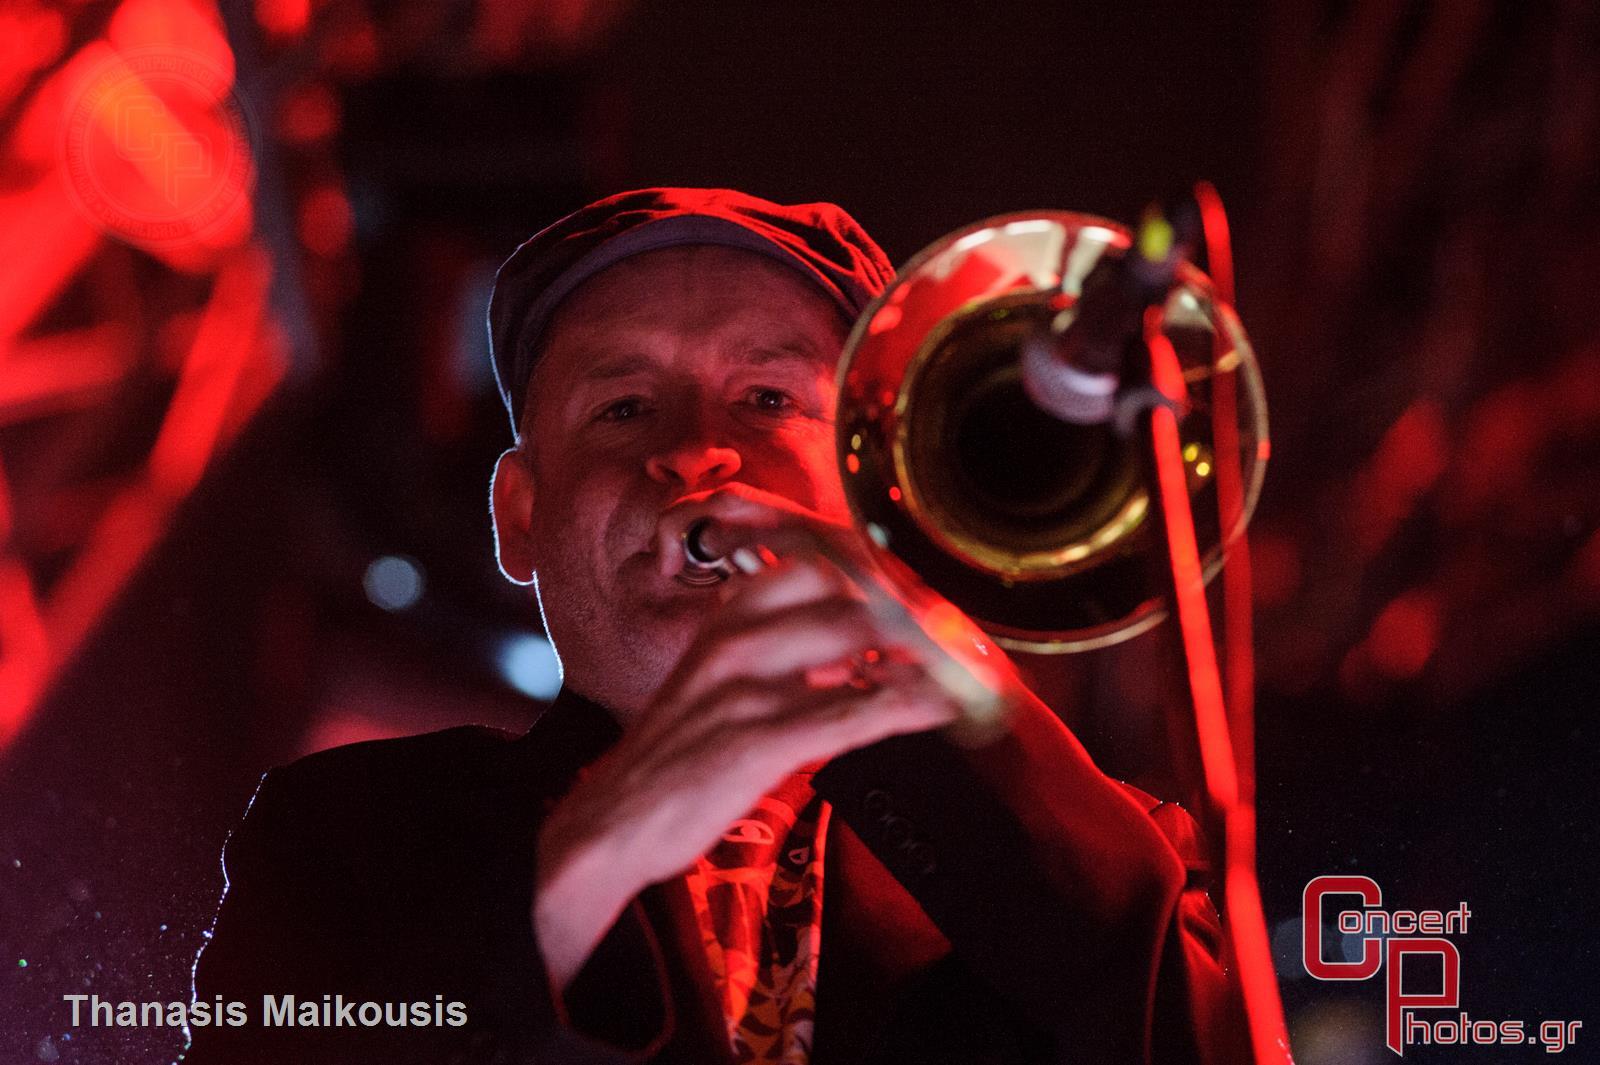 En Lefko 2014-En Lefko 2014 photographer: Thanasis Maikousis - concertphotos_20140621_23_05_14